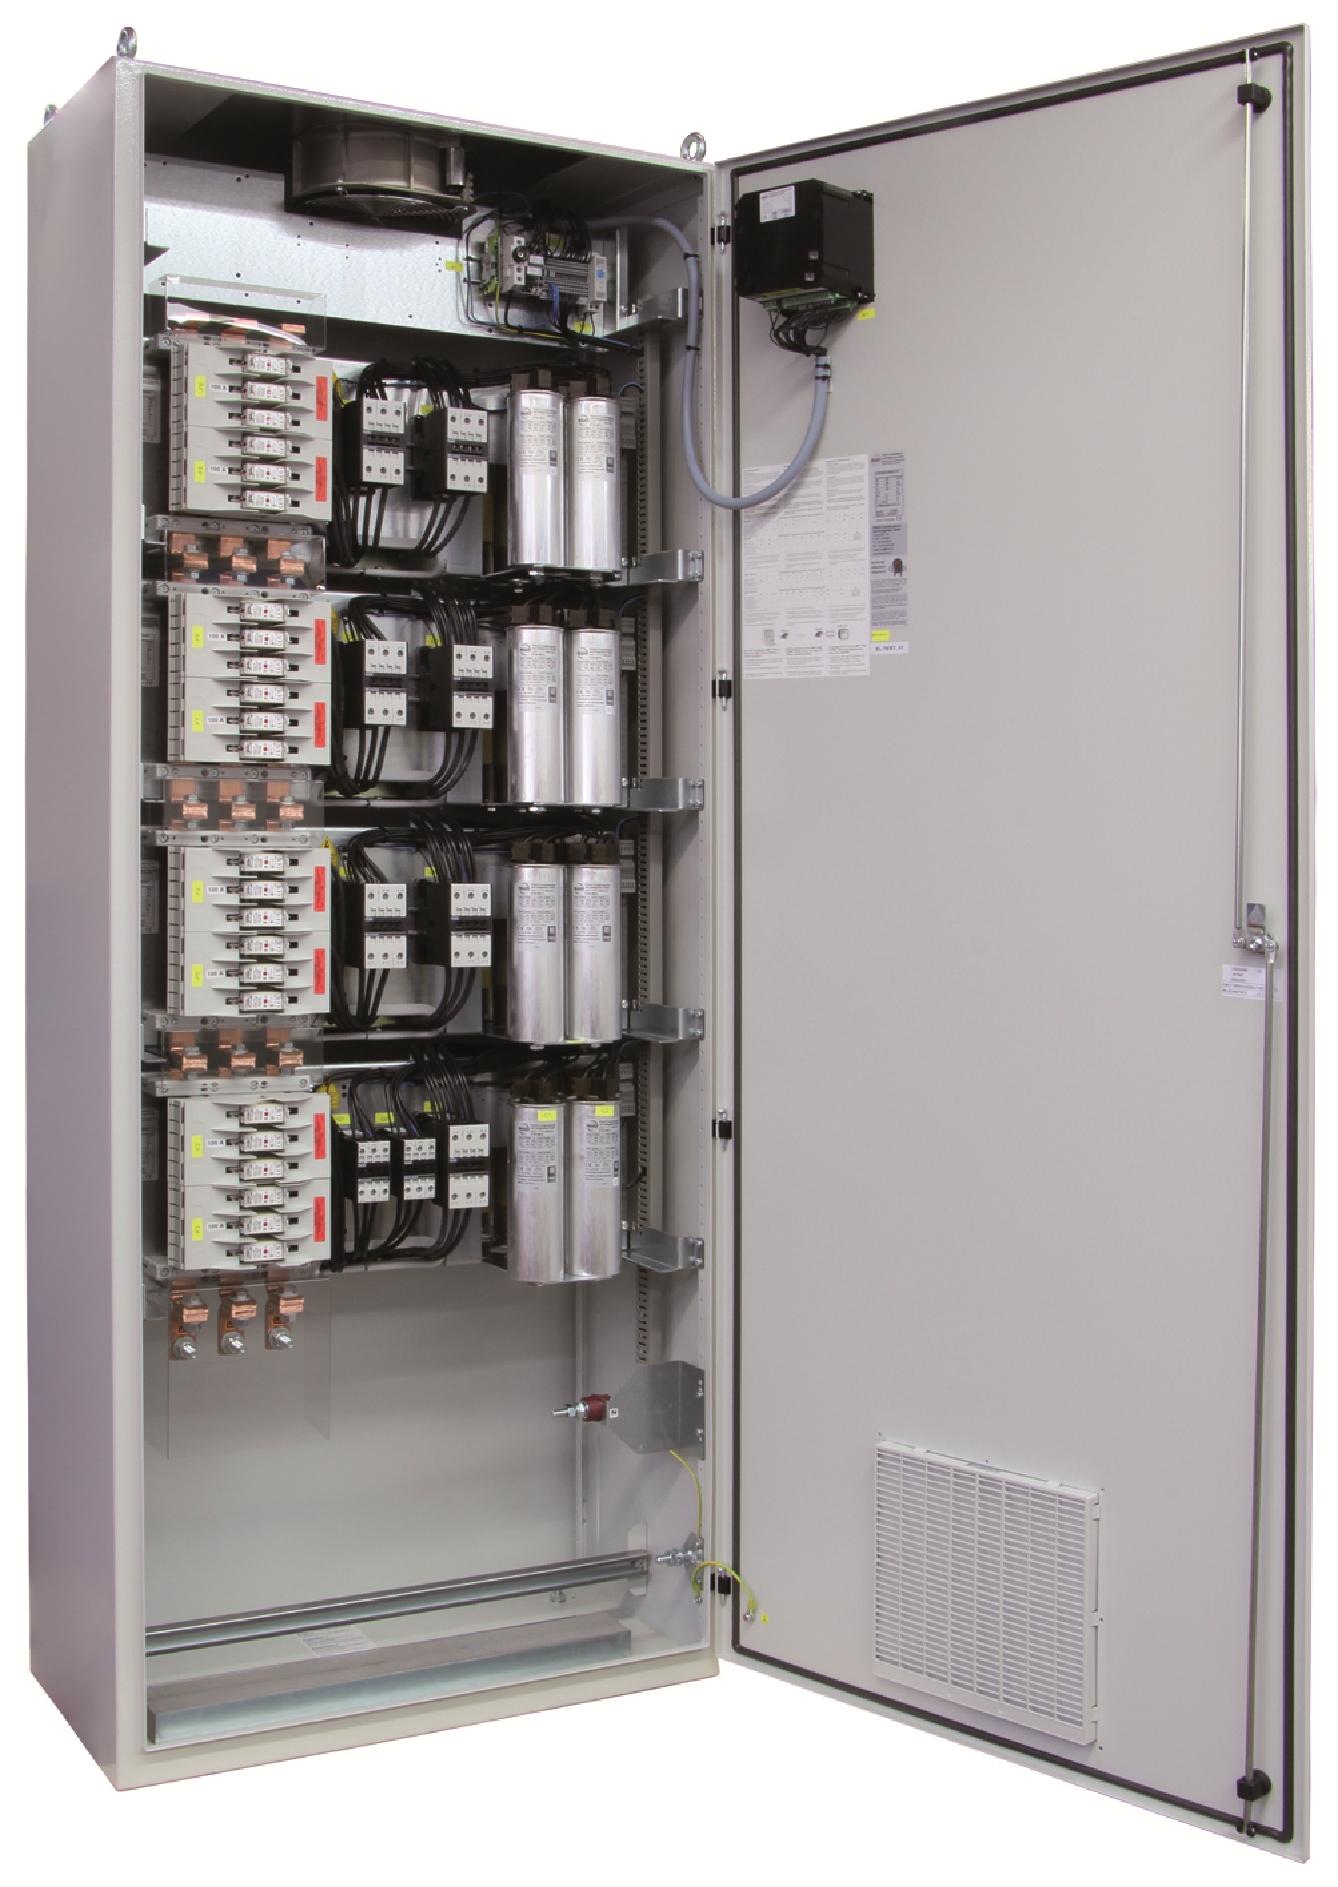 1 Stk Kompensation LSFC 14% 300/50kvar 800x2110x500mm FR3422643-